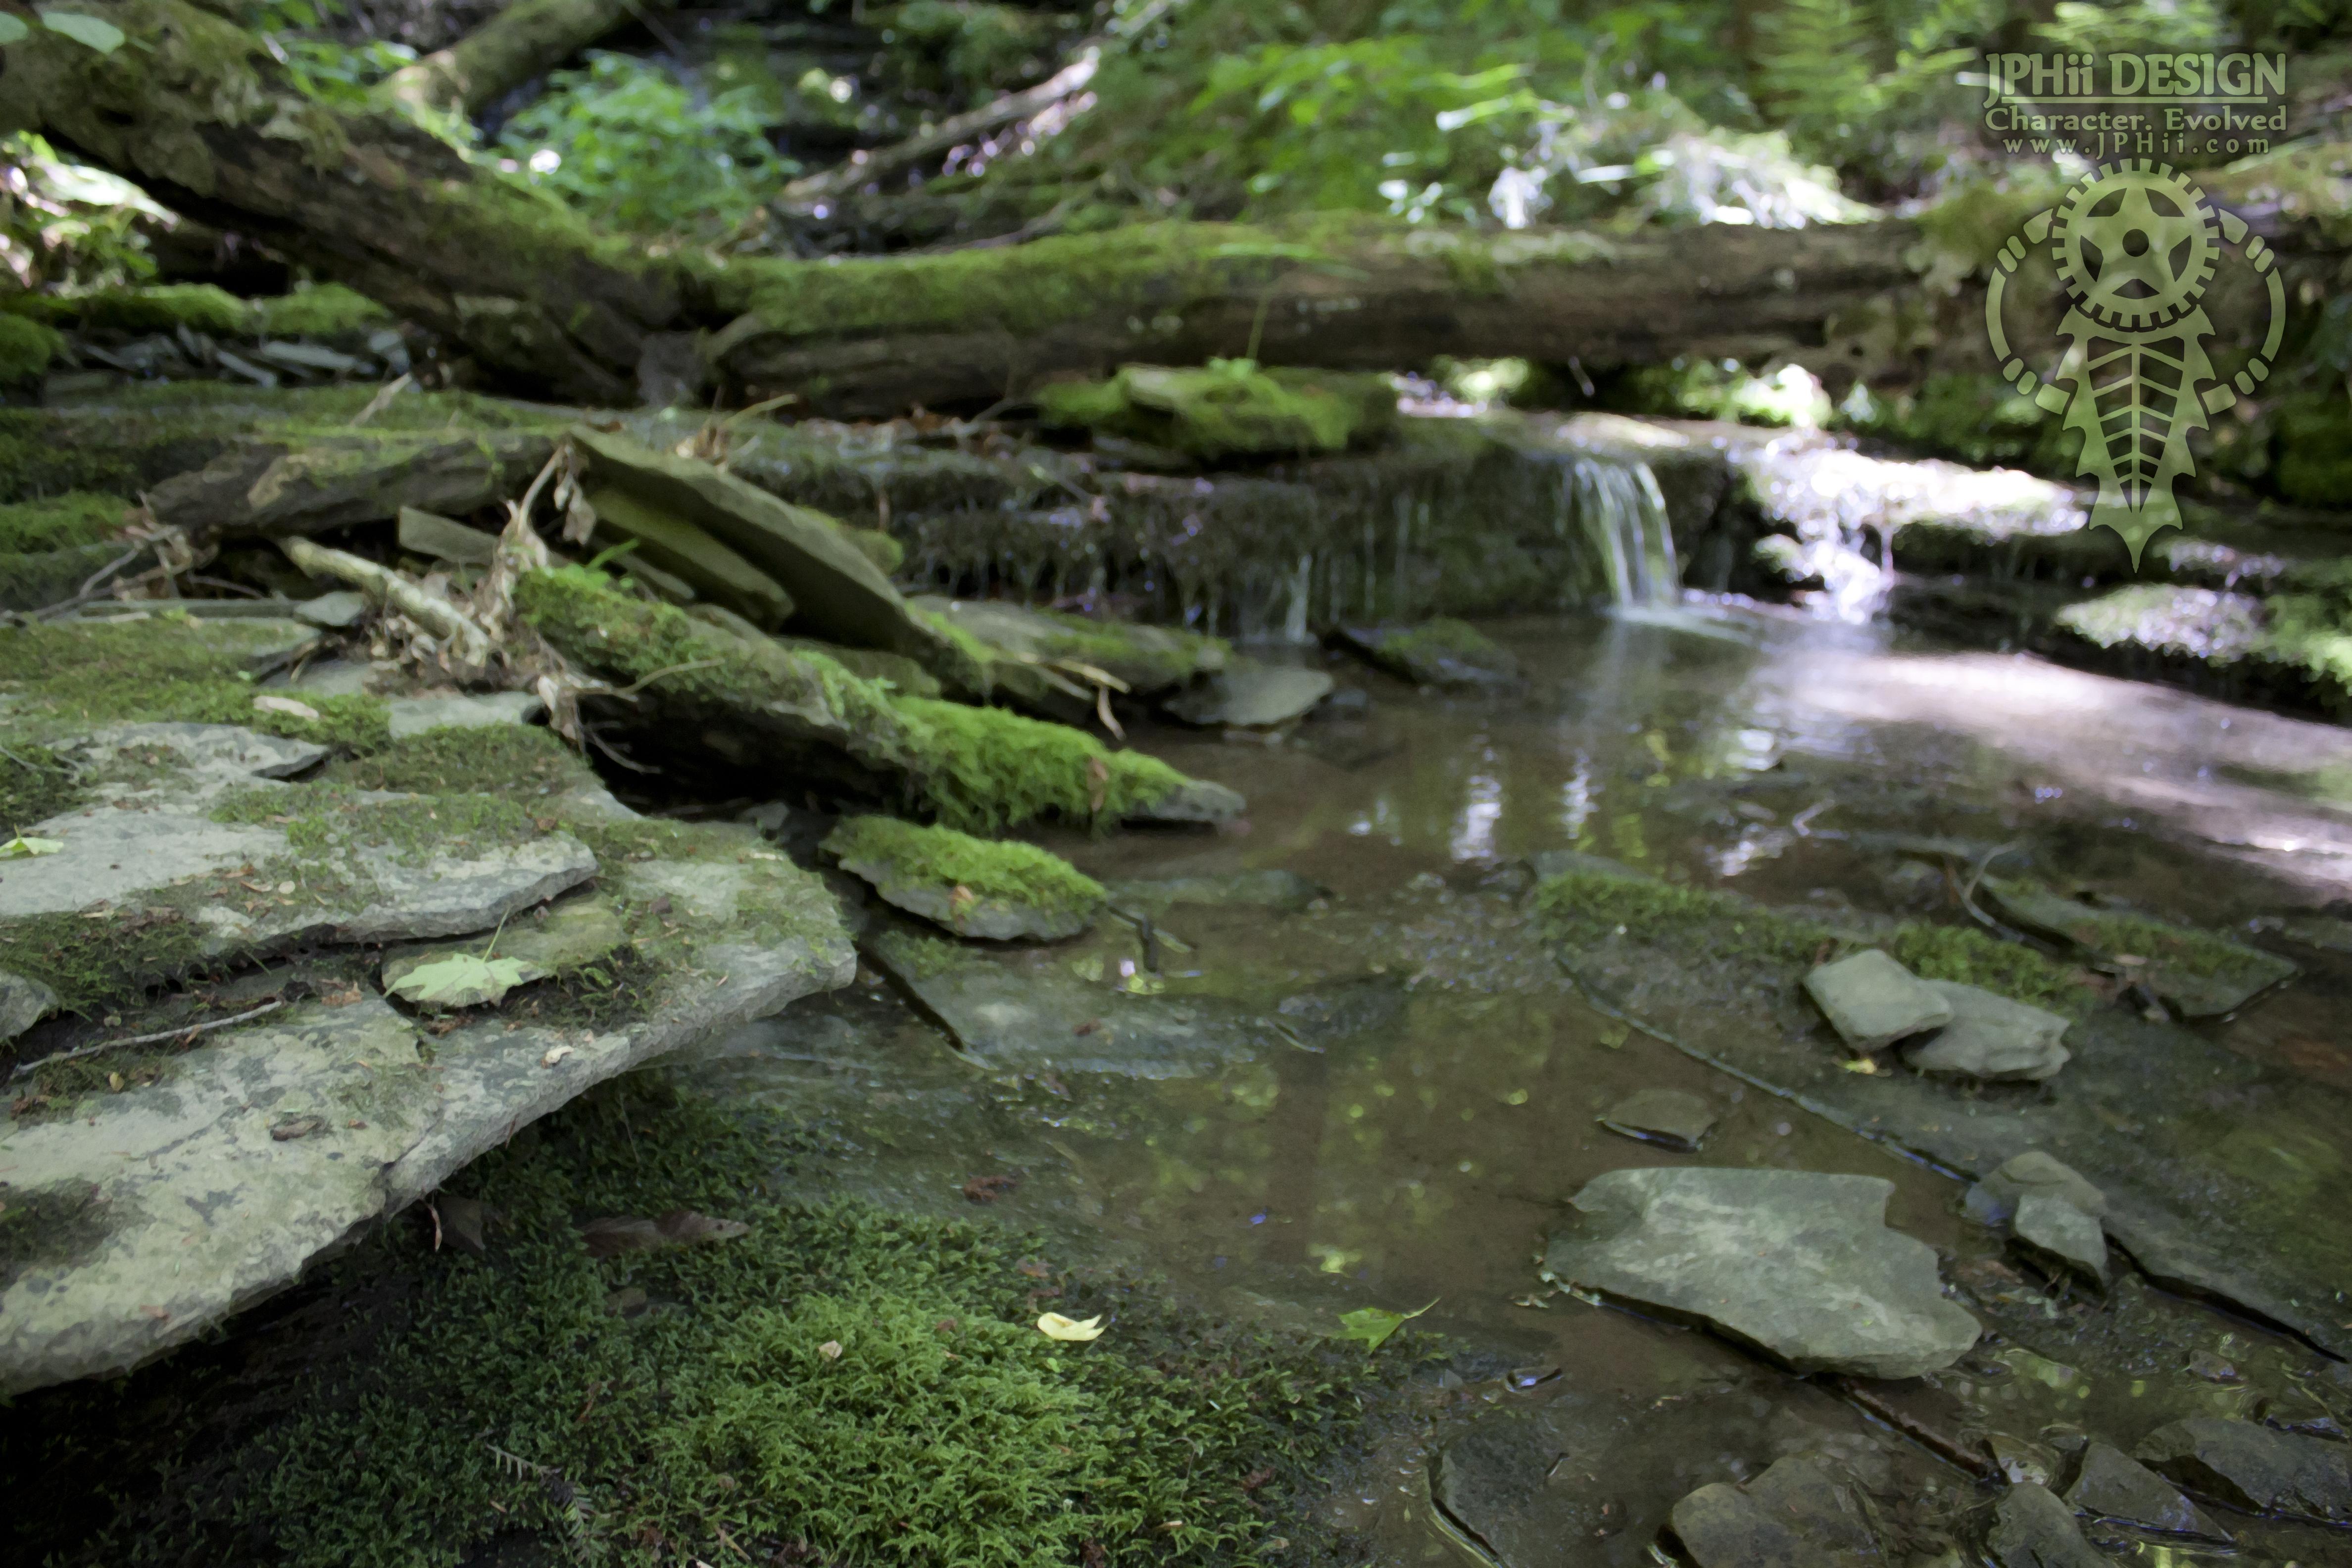 Stream over Bedrock